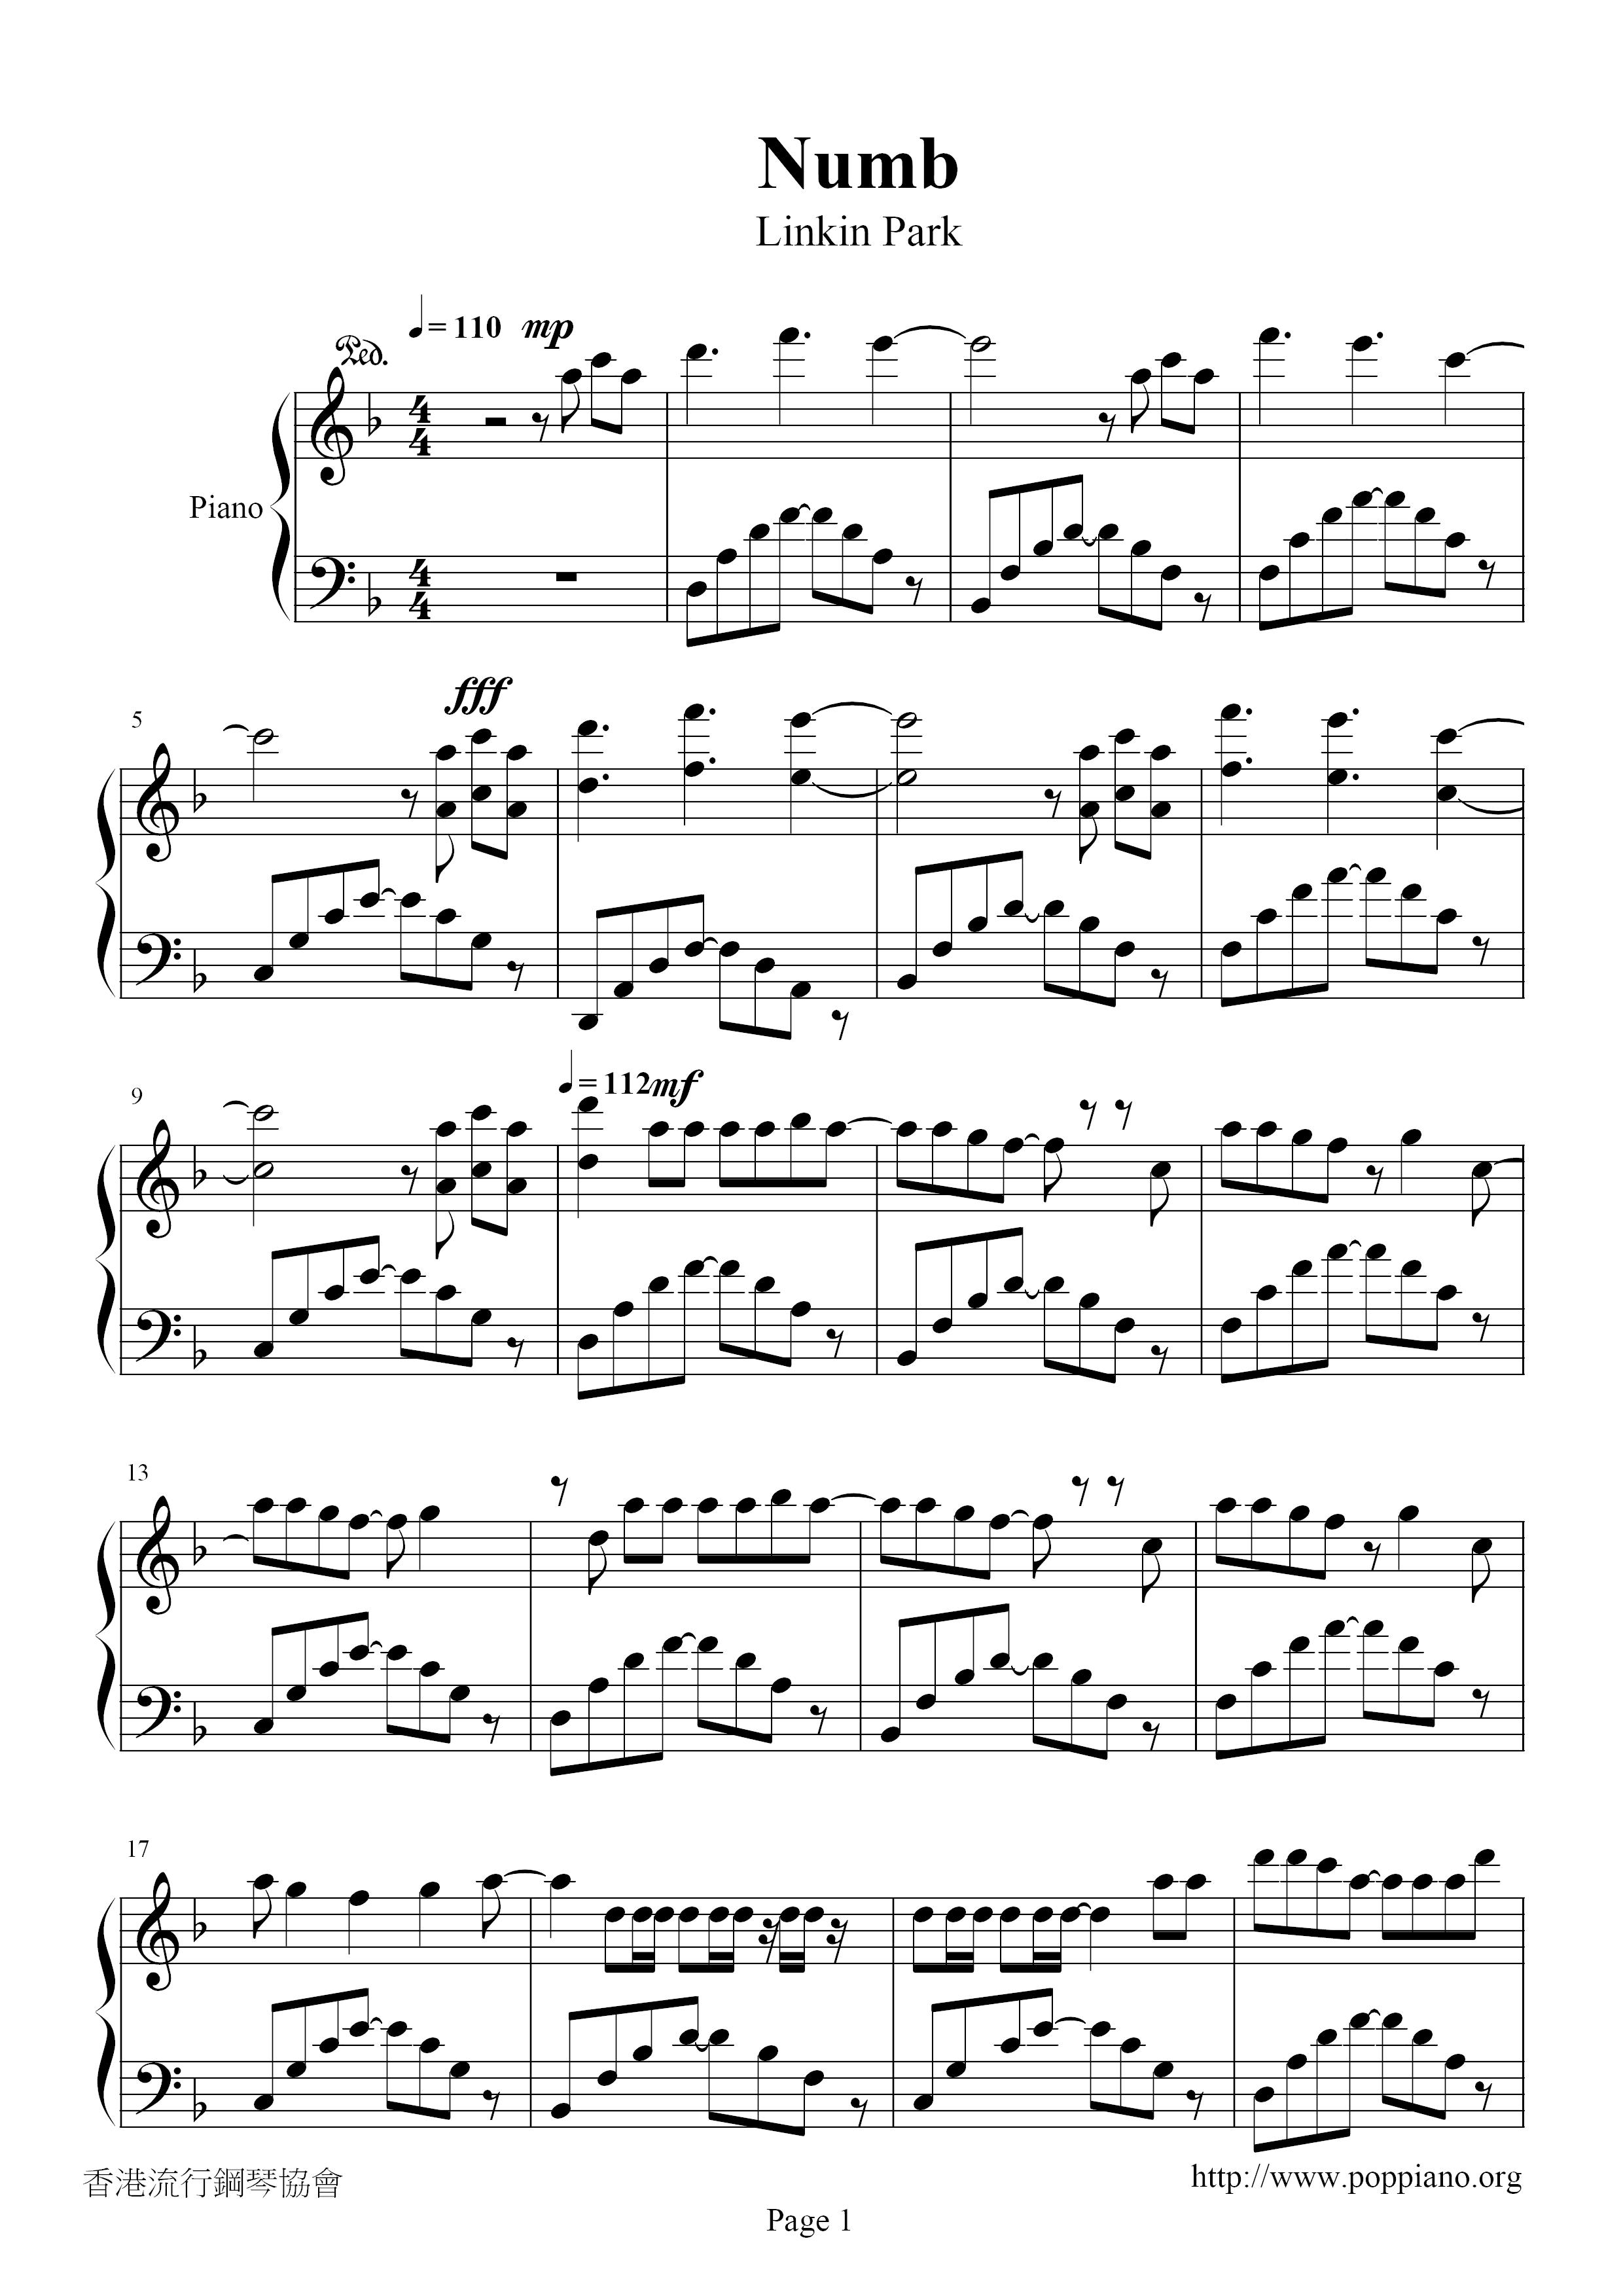 ☆ Linkin Park - Numb琴譜/五線譜ove,pdf - 香港流行鋼琴協會琴